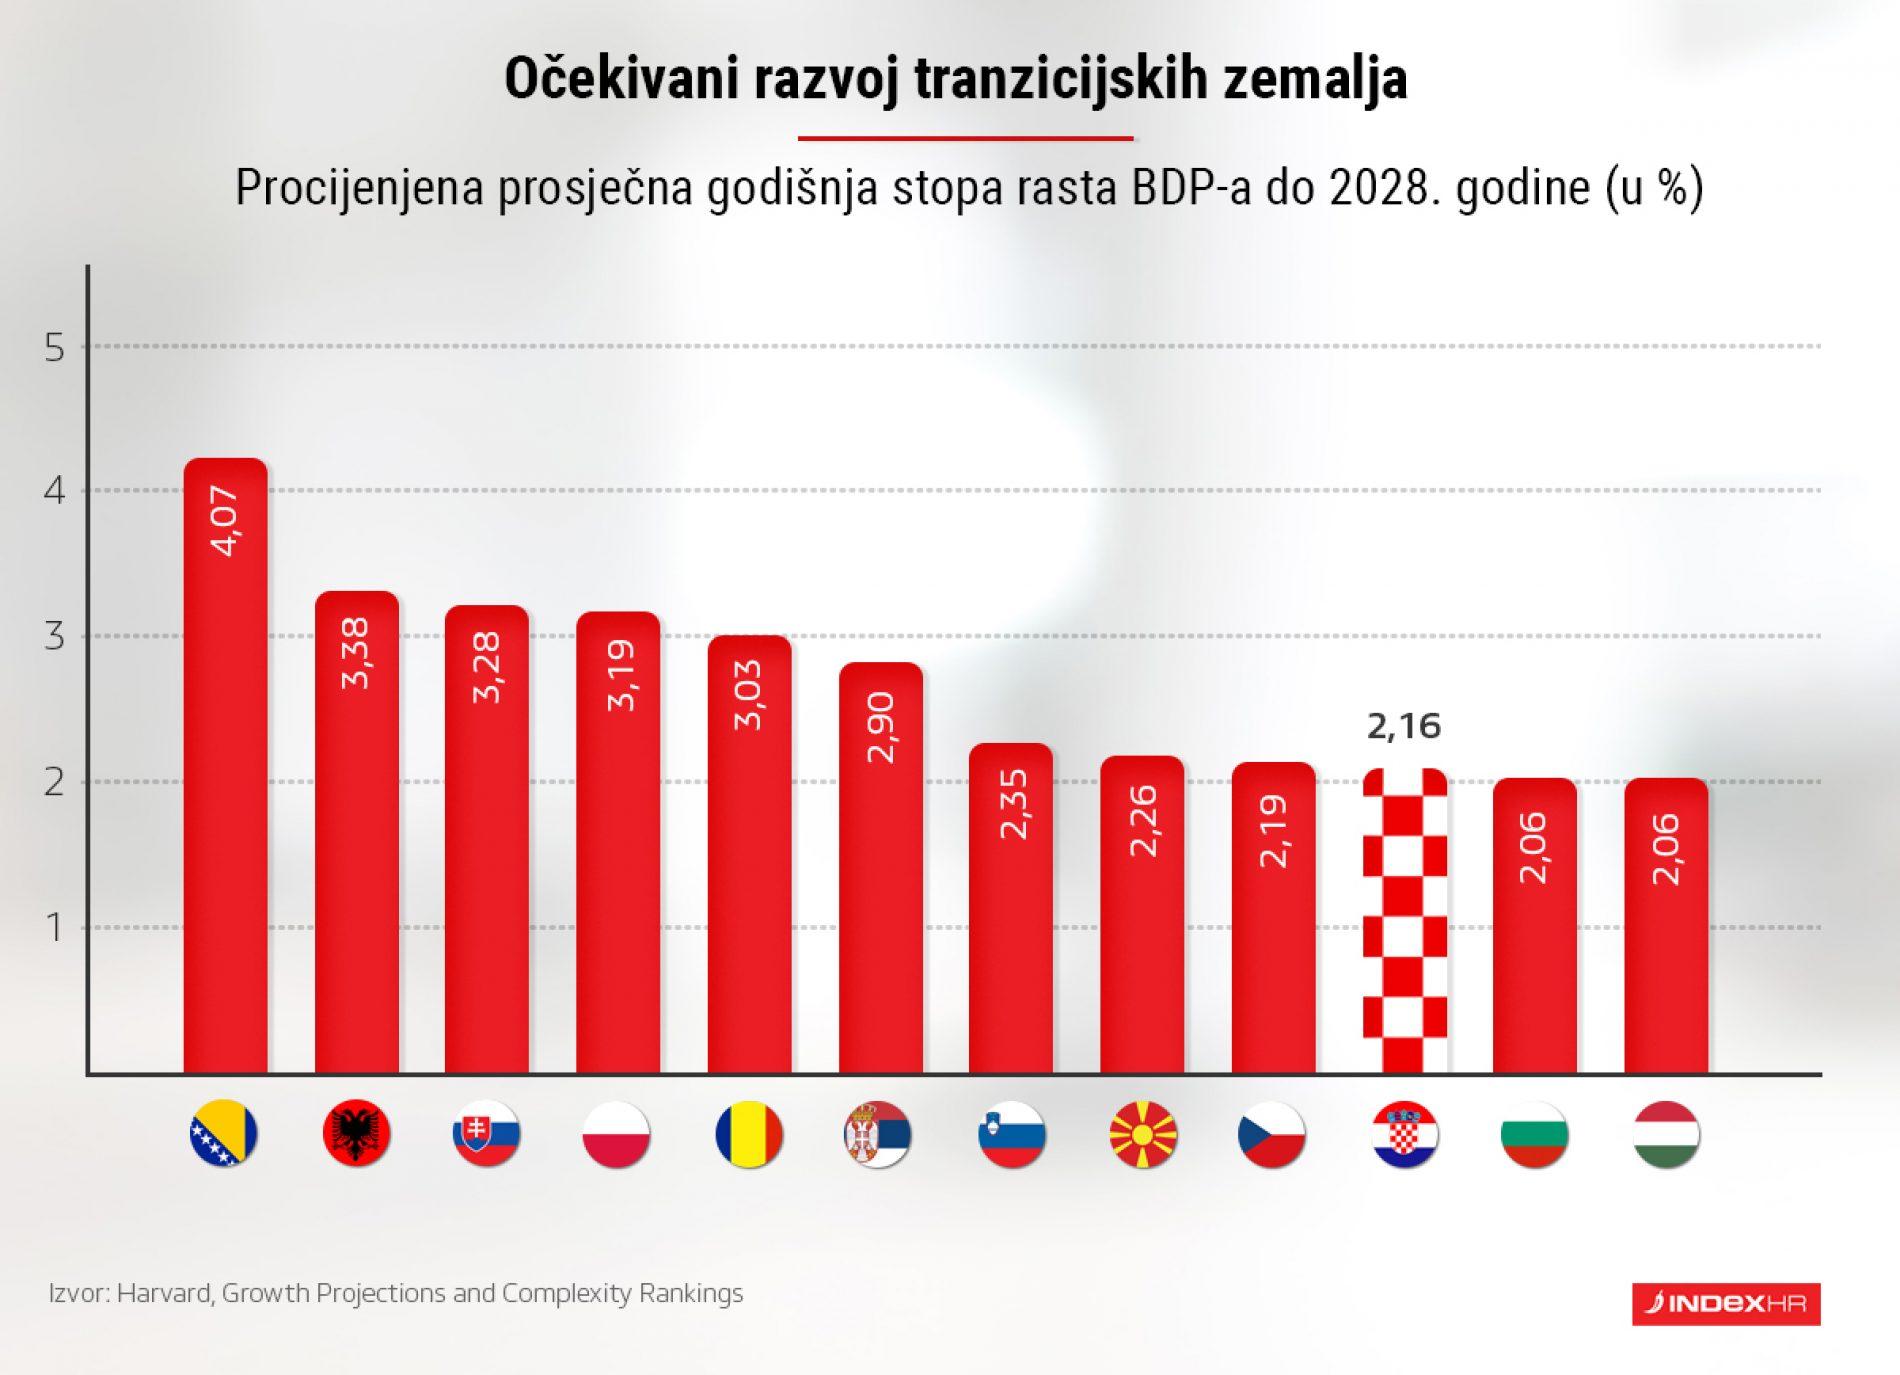 Prognoze s Harvarda: Bosnu očekuje najbrži razvoj među zemljama u tranziciji